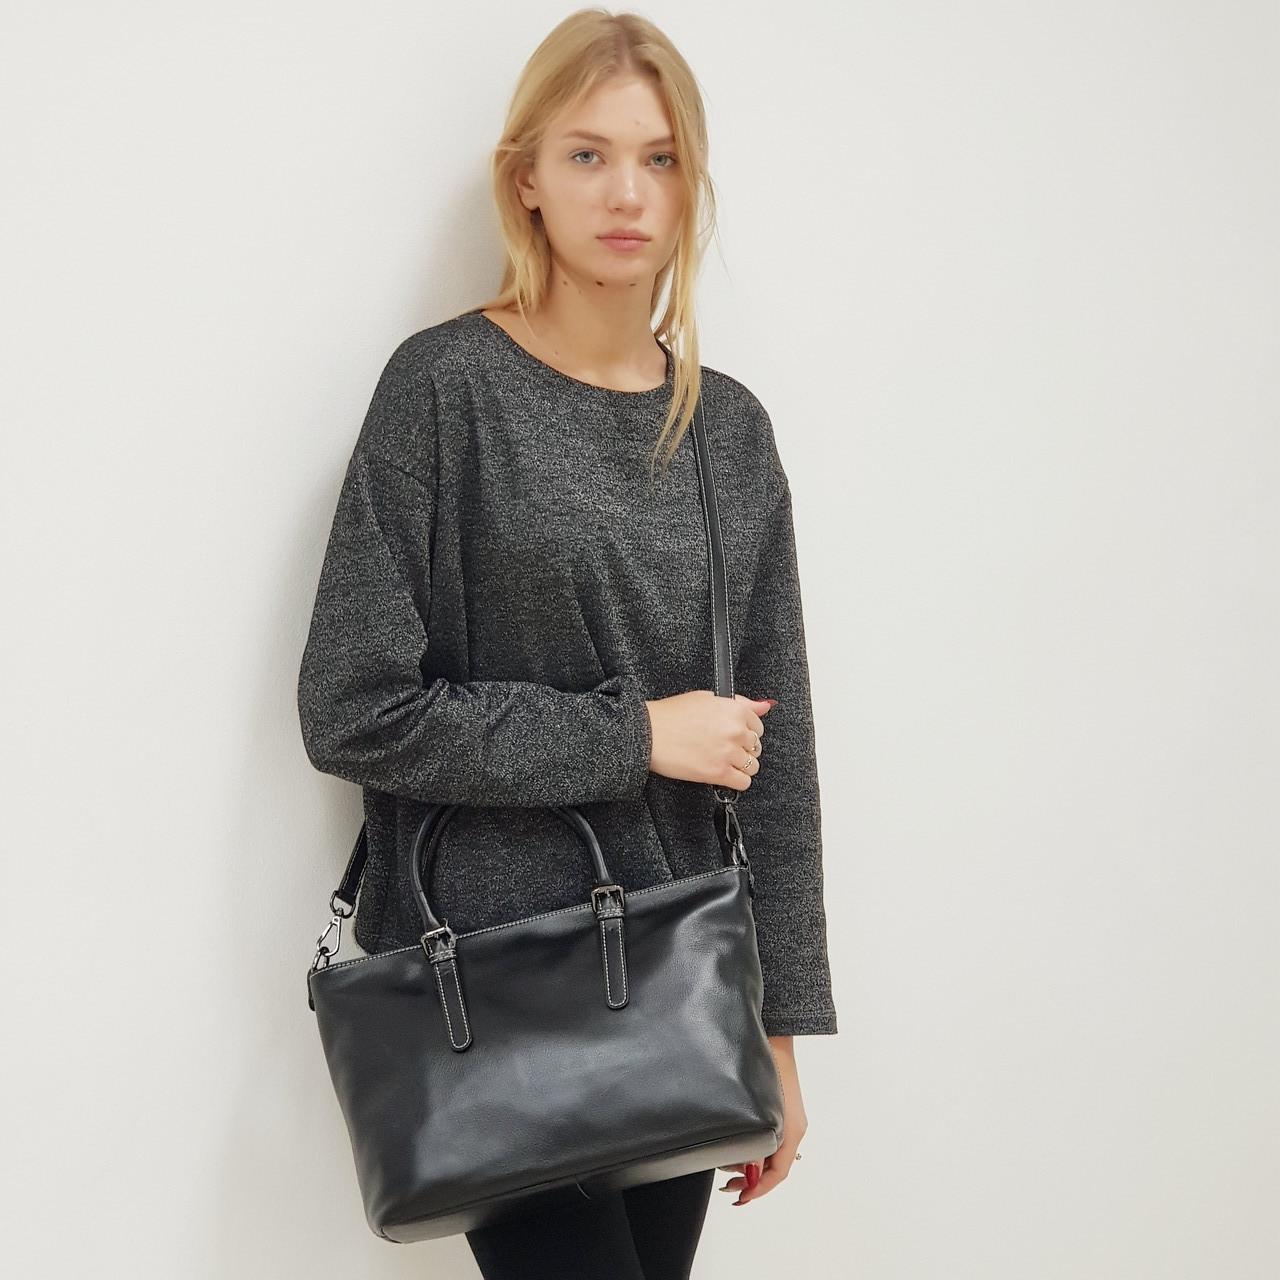 Жіноча чорна сумка з натуральної шкіри велика повсякденна